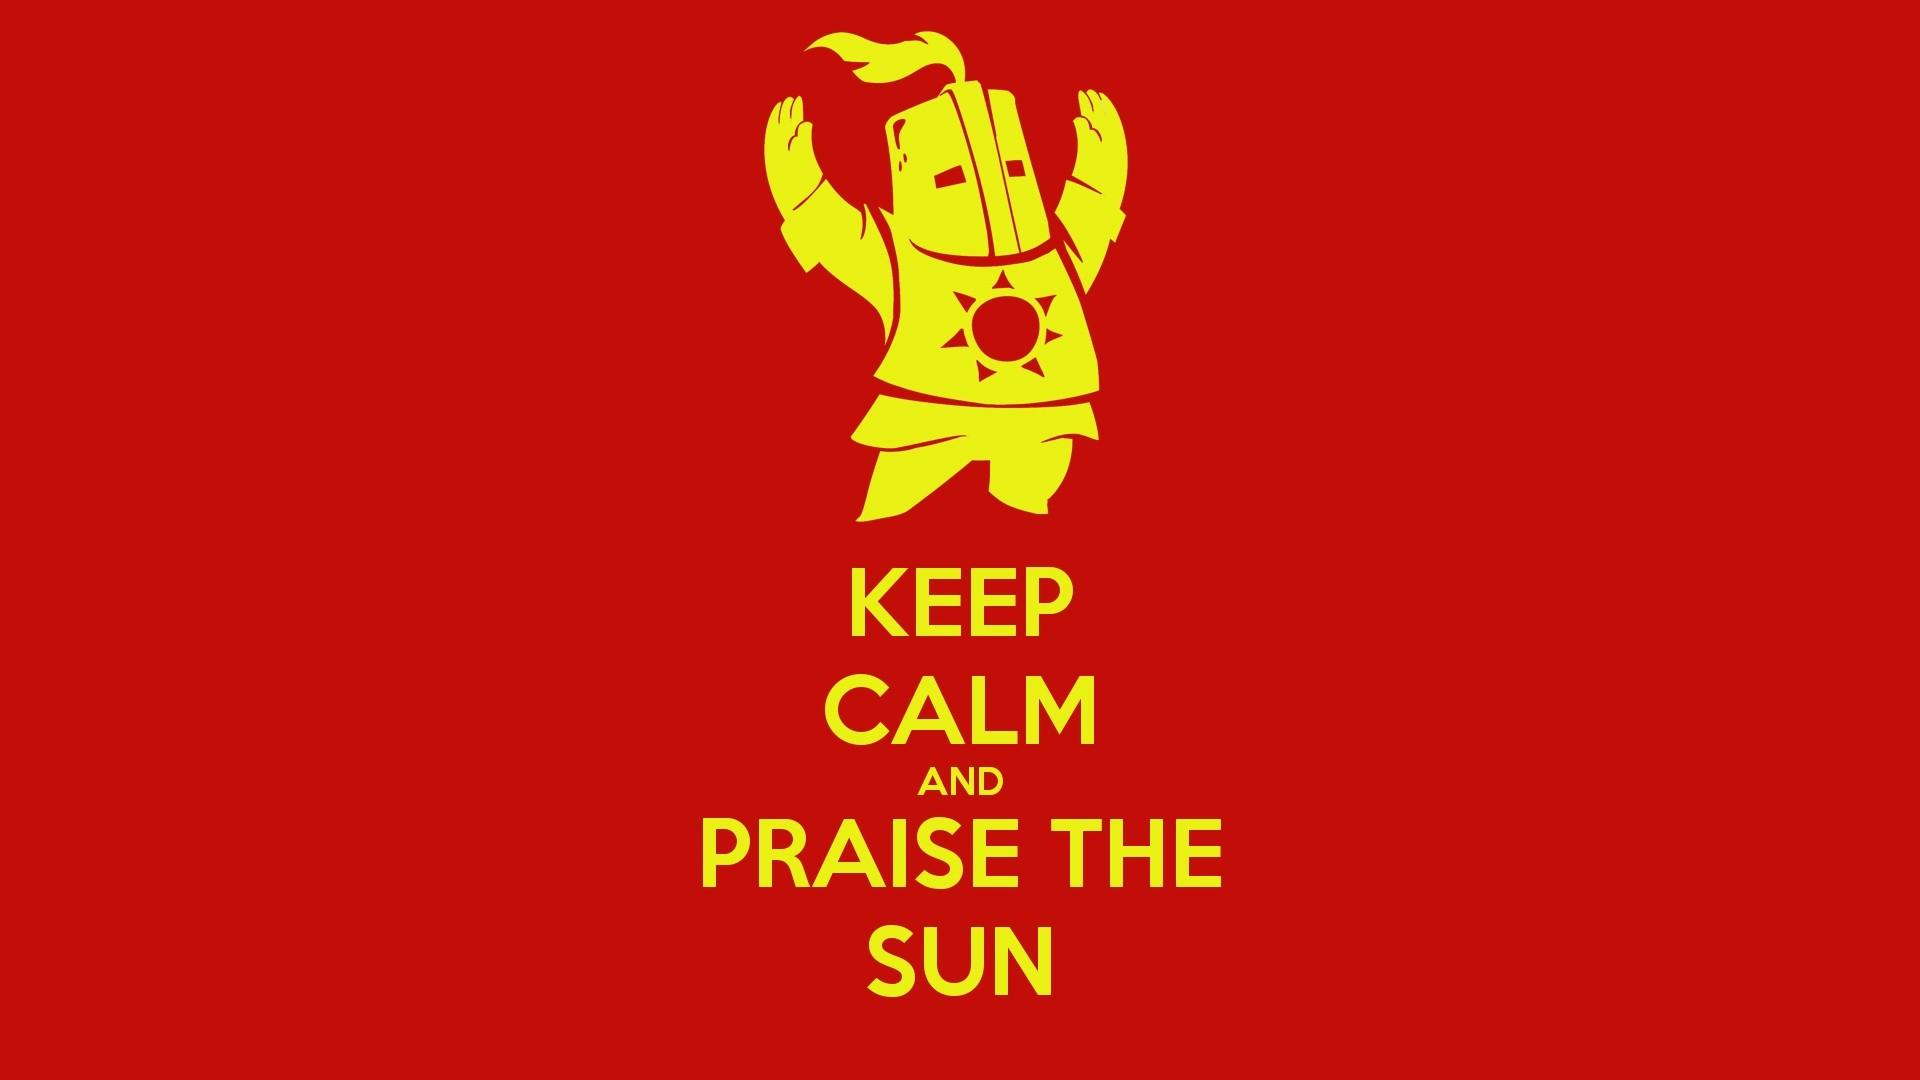 Praise The Sun Wallpaper Praise+the+sun.jpg